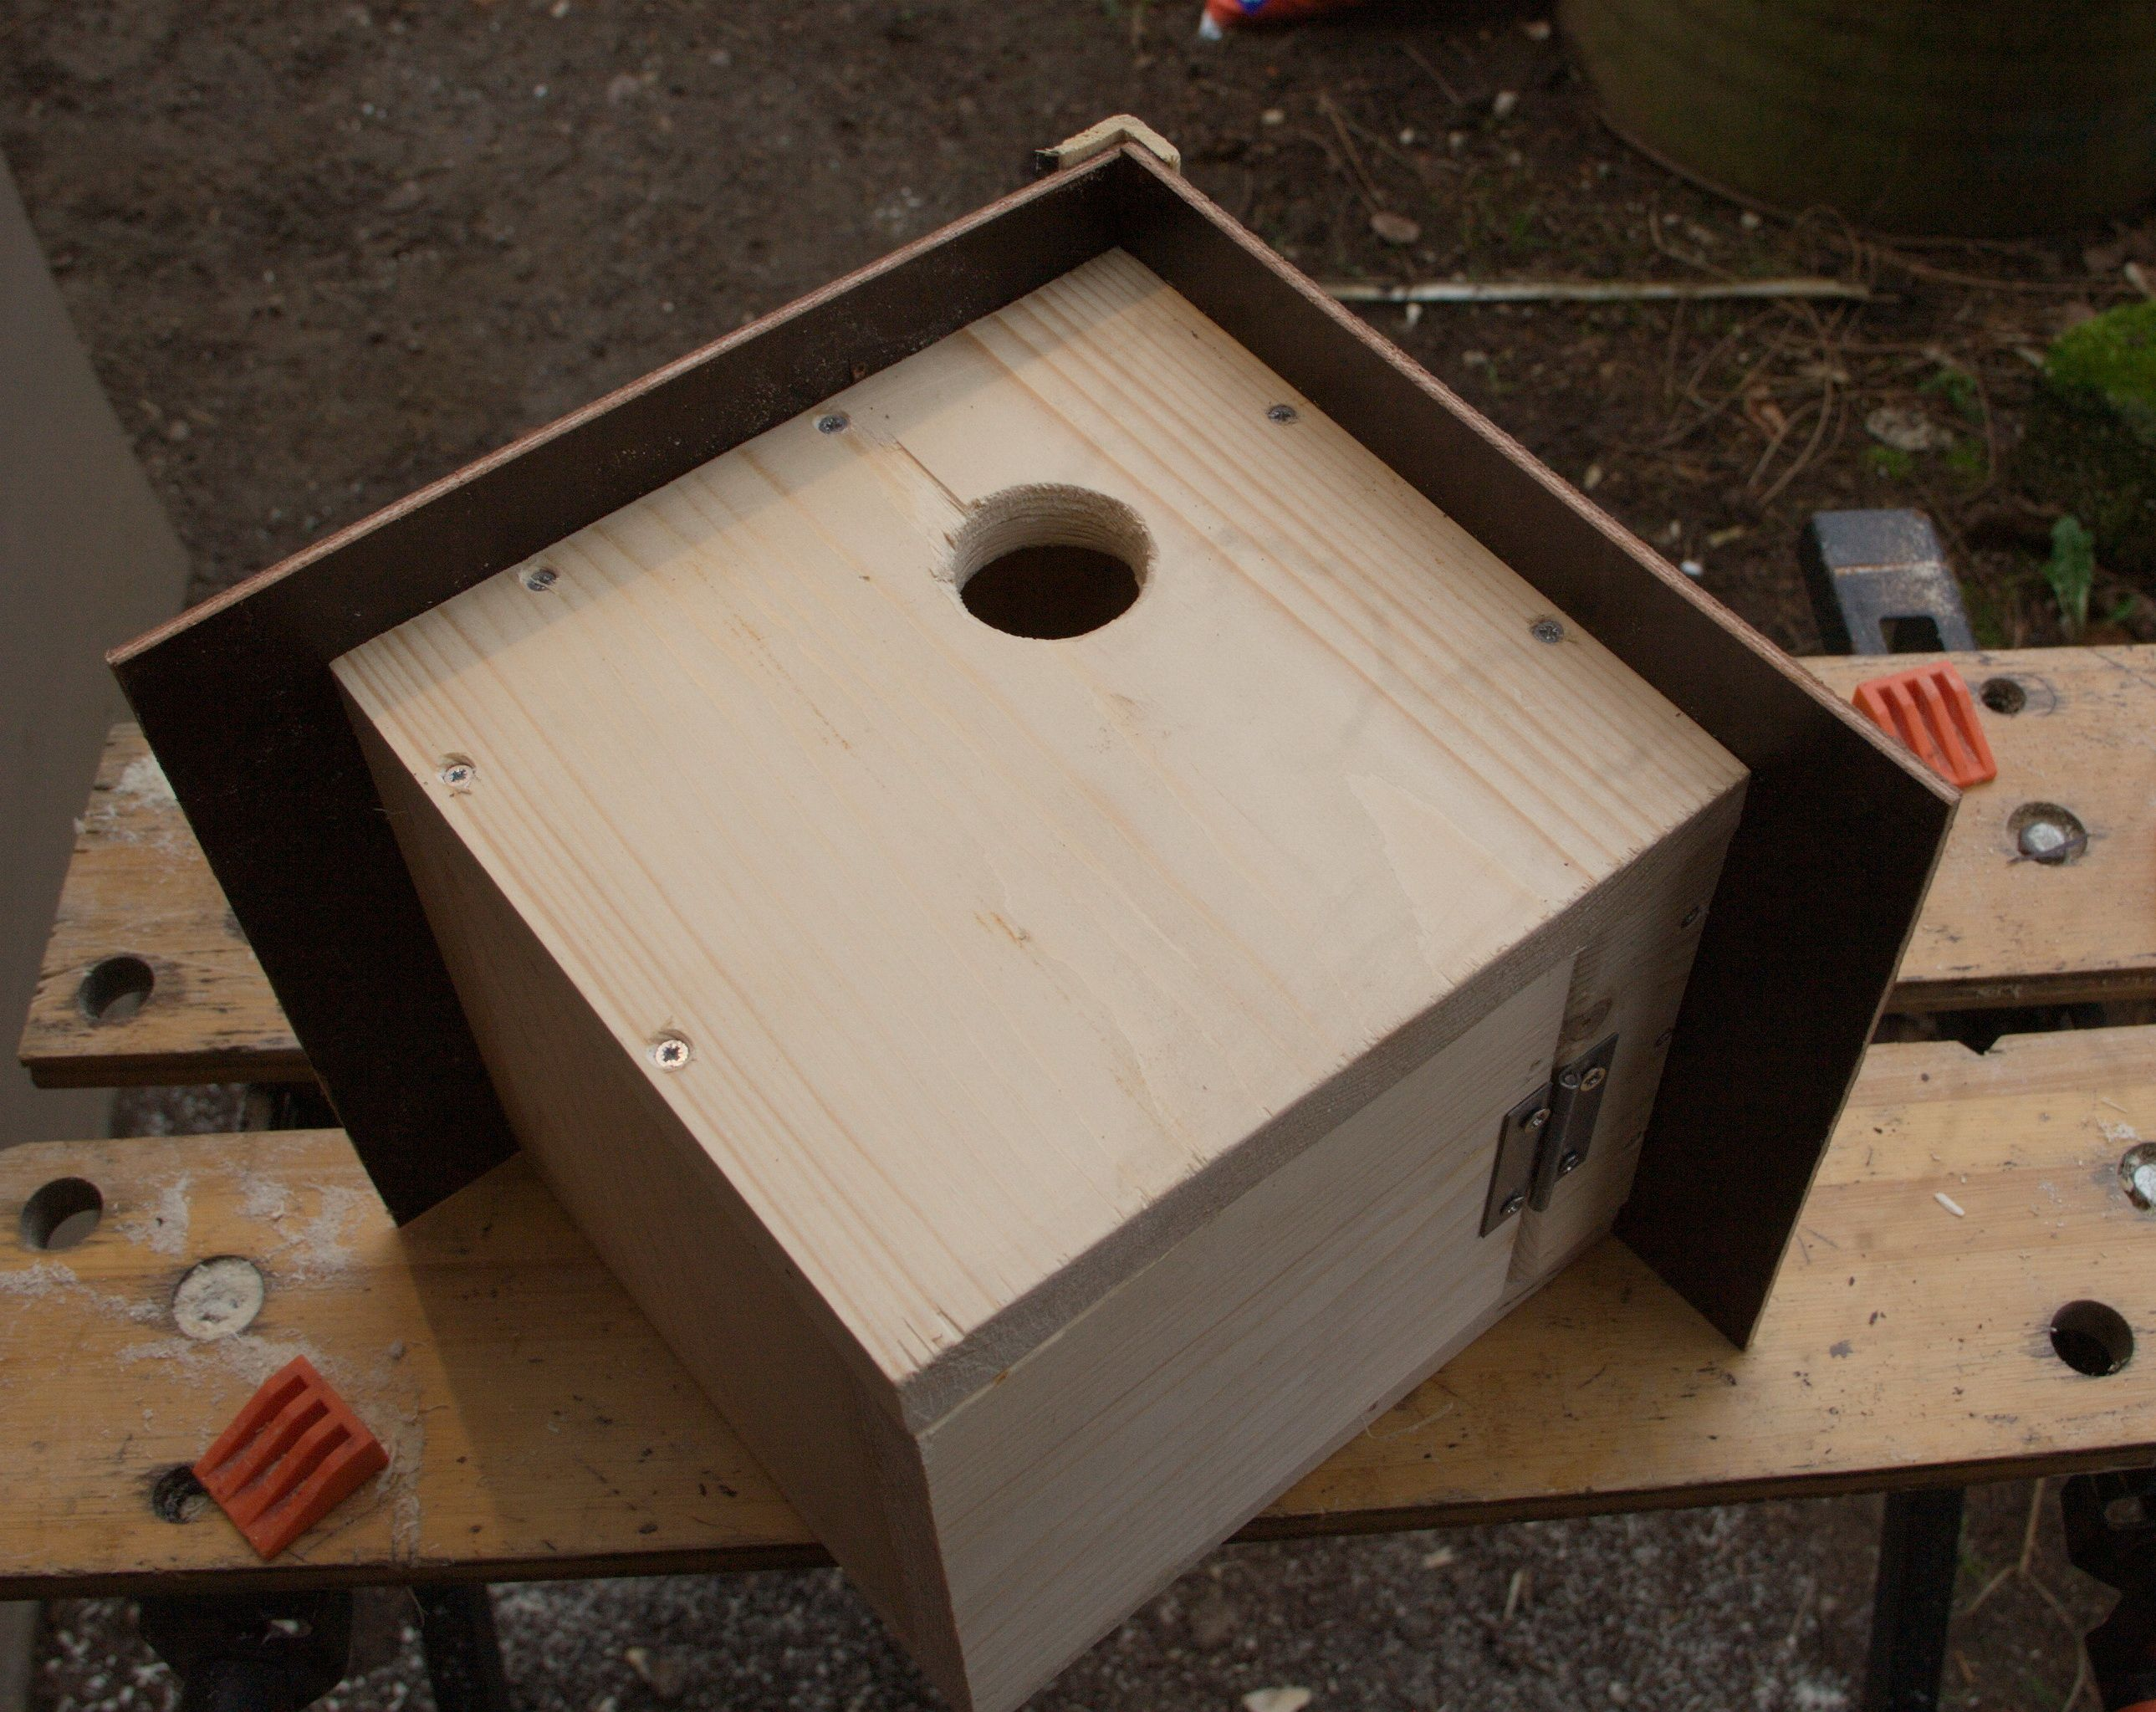 Vogelhaus Bastelanleitung zum selber basteln | Heimwerker-Forum